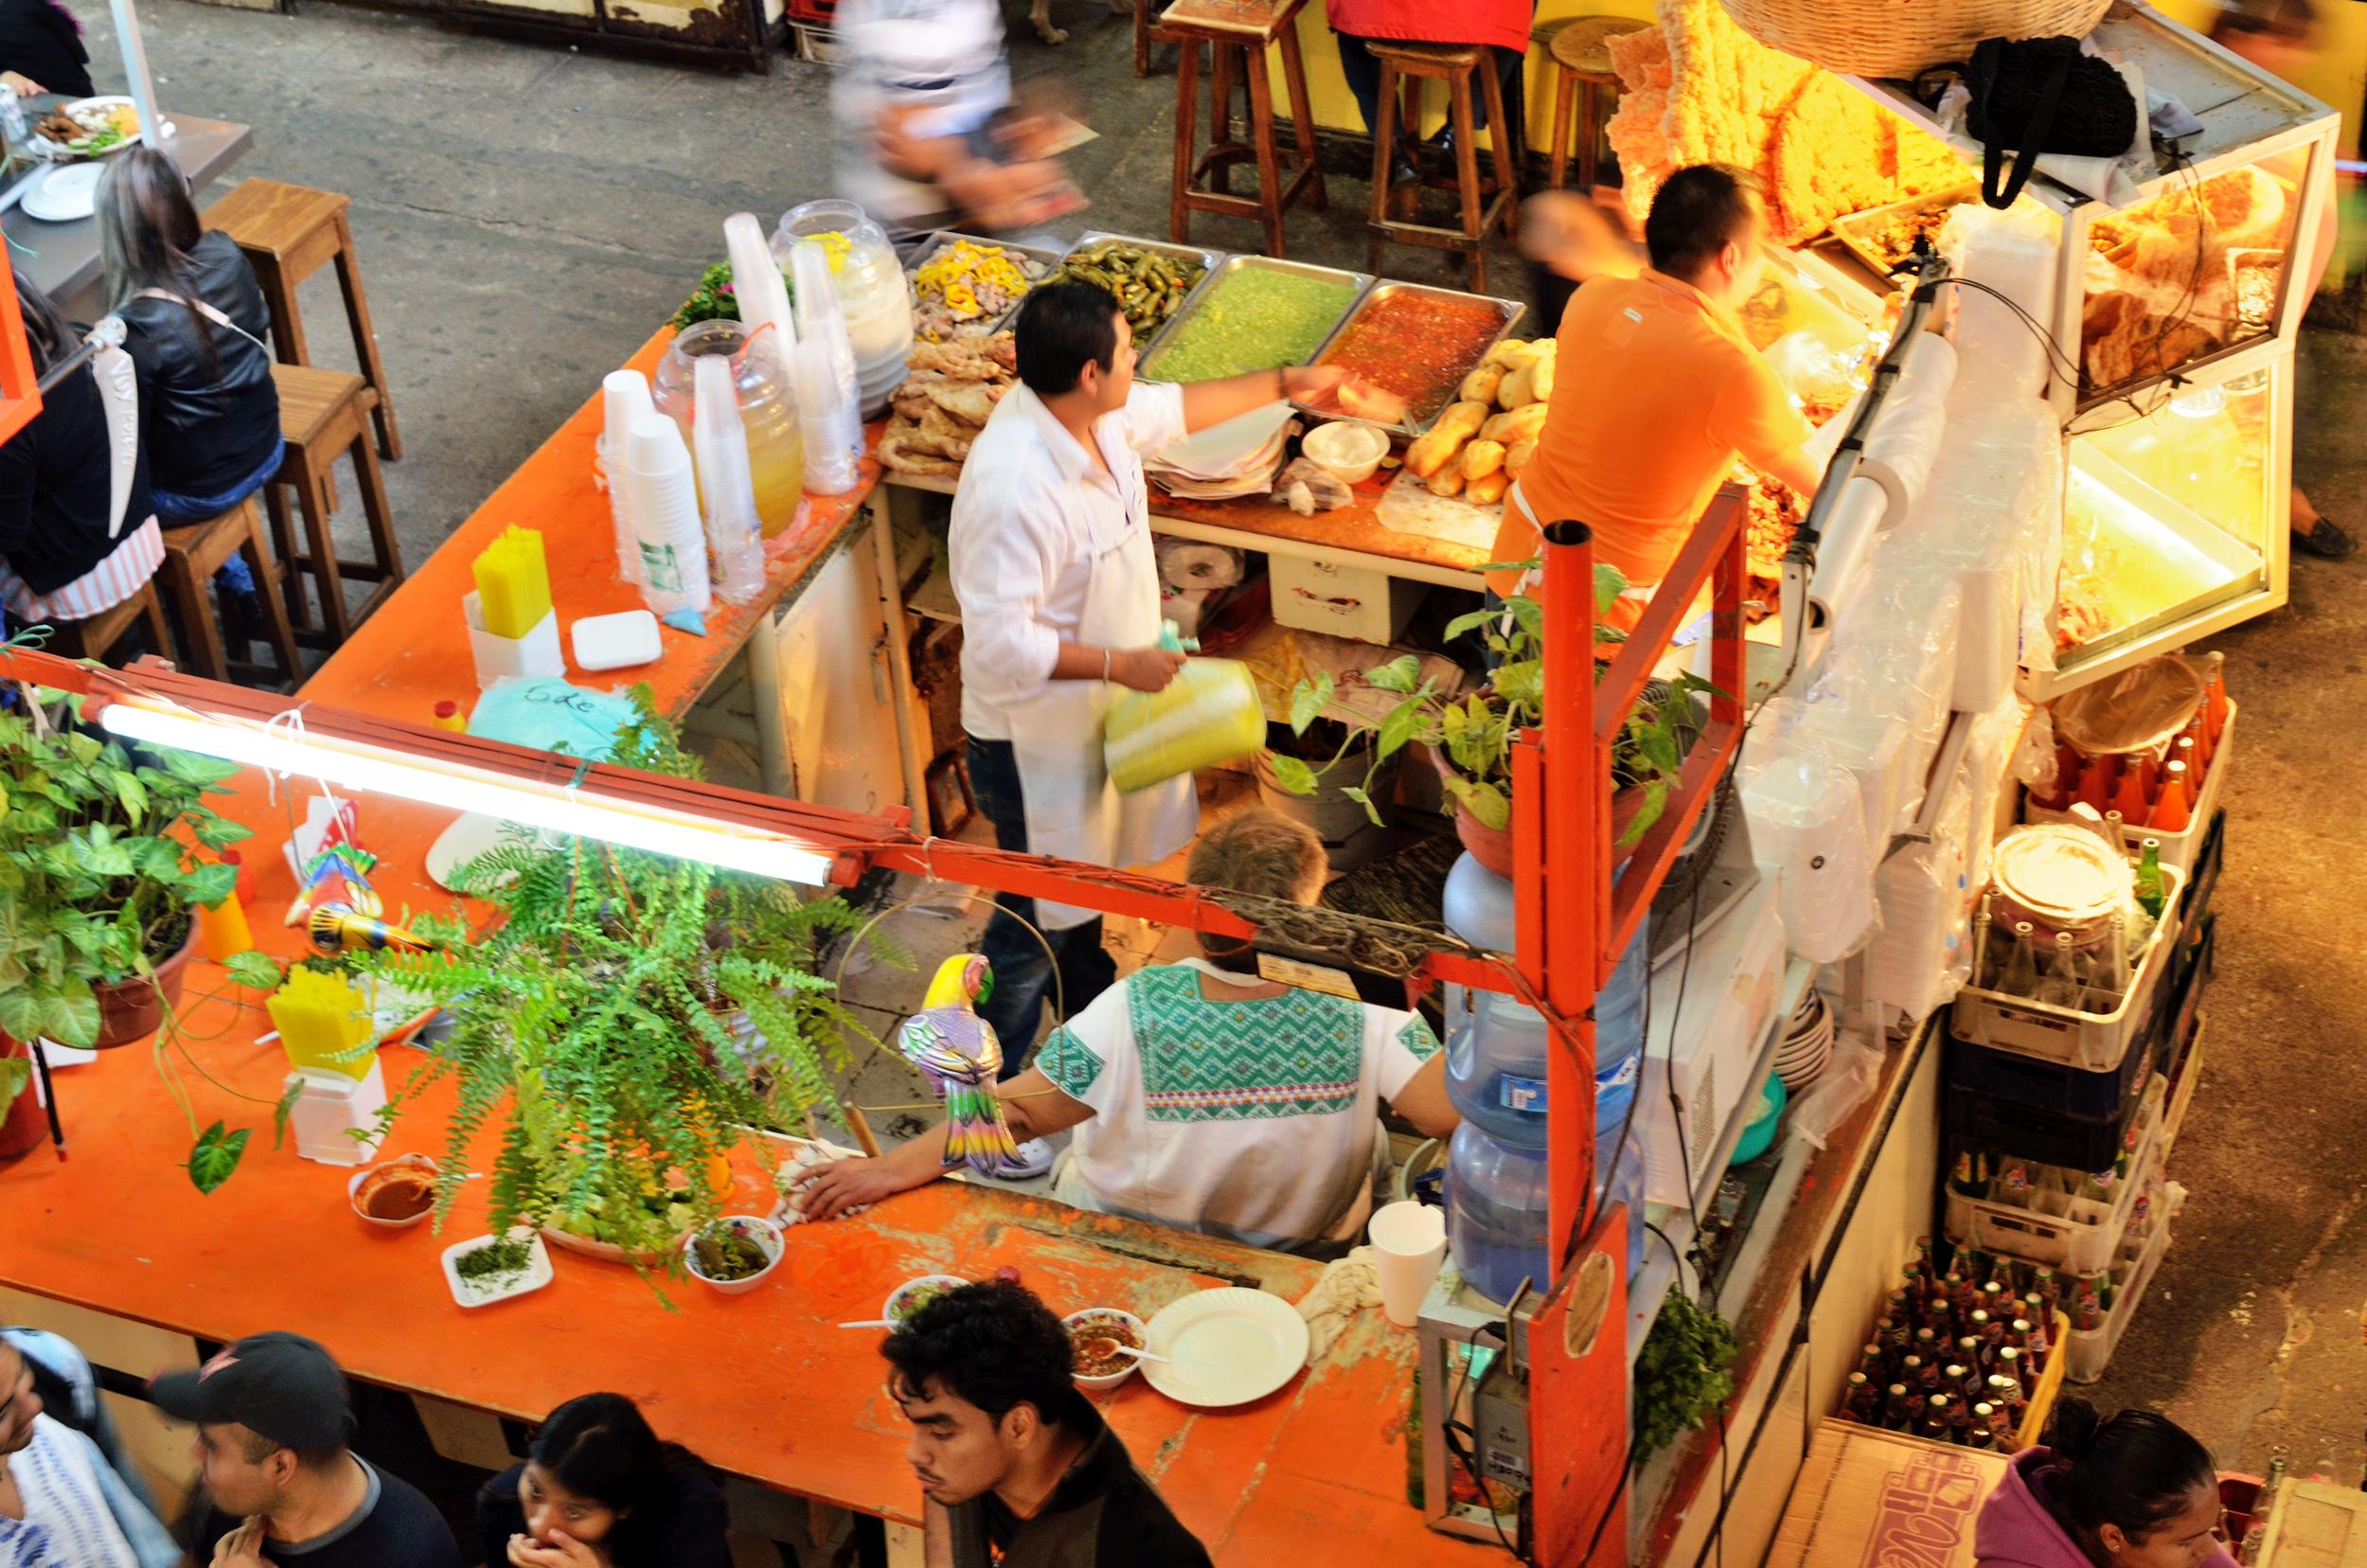 Como en todo México, siempre será una delicia visitar los mercados y sitios populares de comida, para disfrutar de la variada gastronomía manita. Guanajuato no es la excepción. Foto: Takamex-Shutterstock